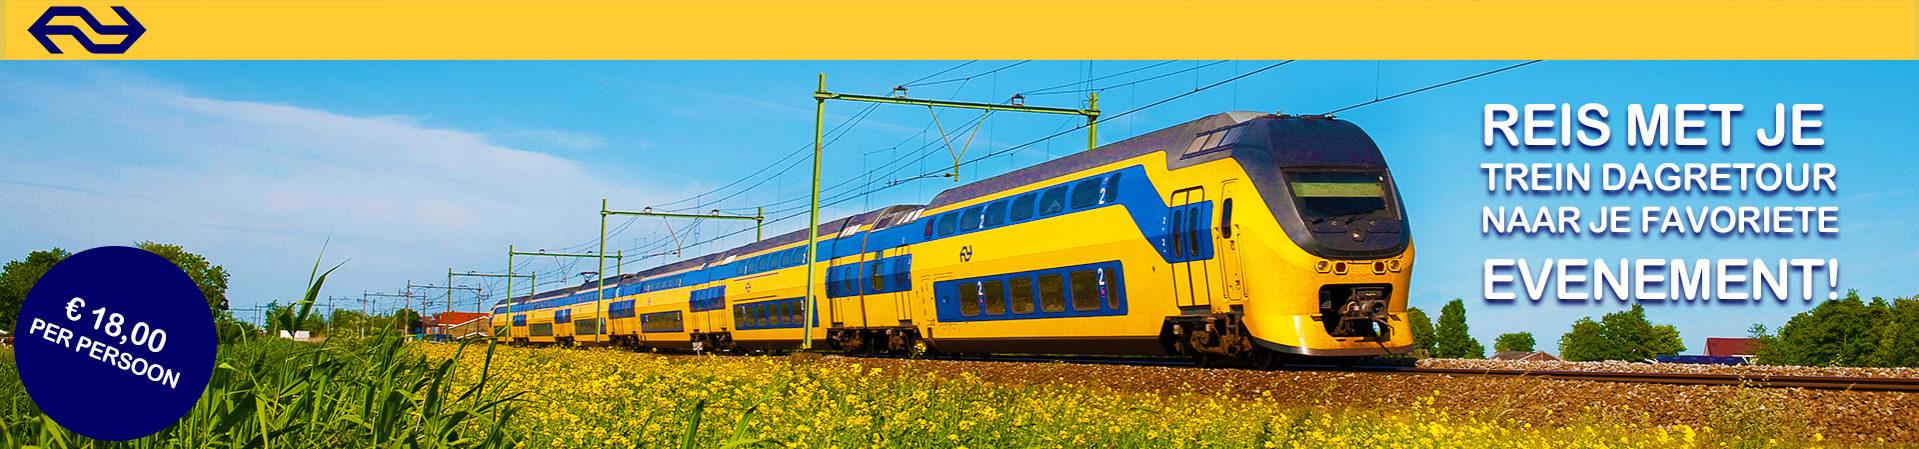 Trein Dagretour 1920x450